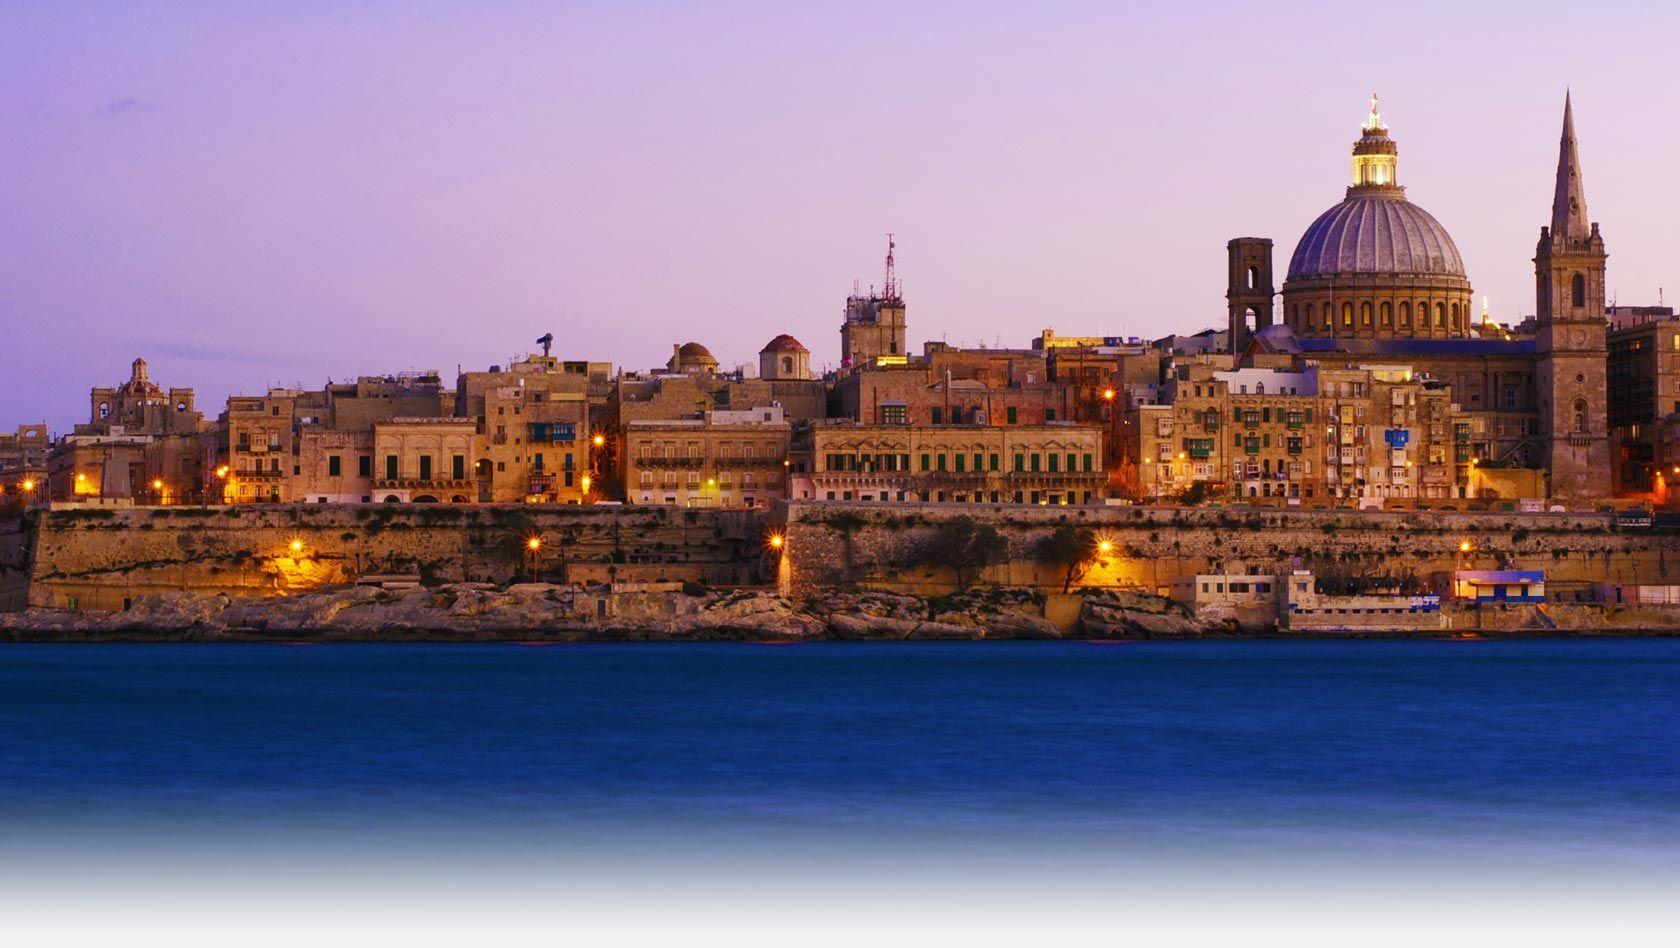 مالطا أجمل دول السياحية فى العالم Luxury Life Amwal Malta Travel Malta Travel Guide Malta